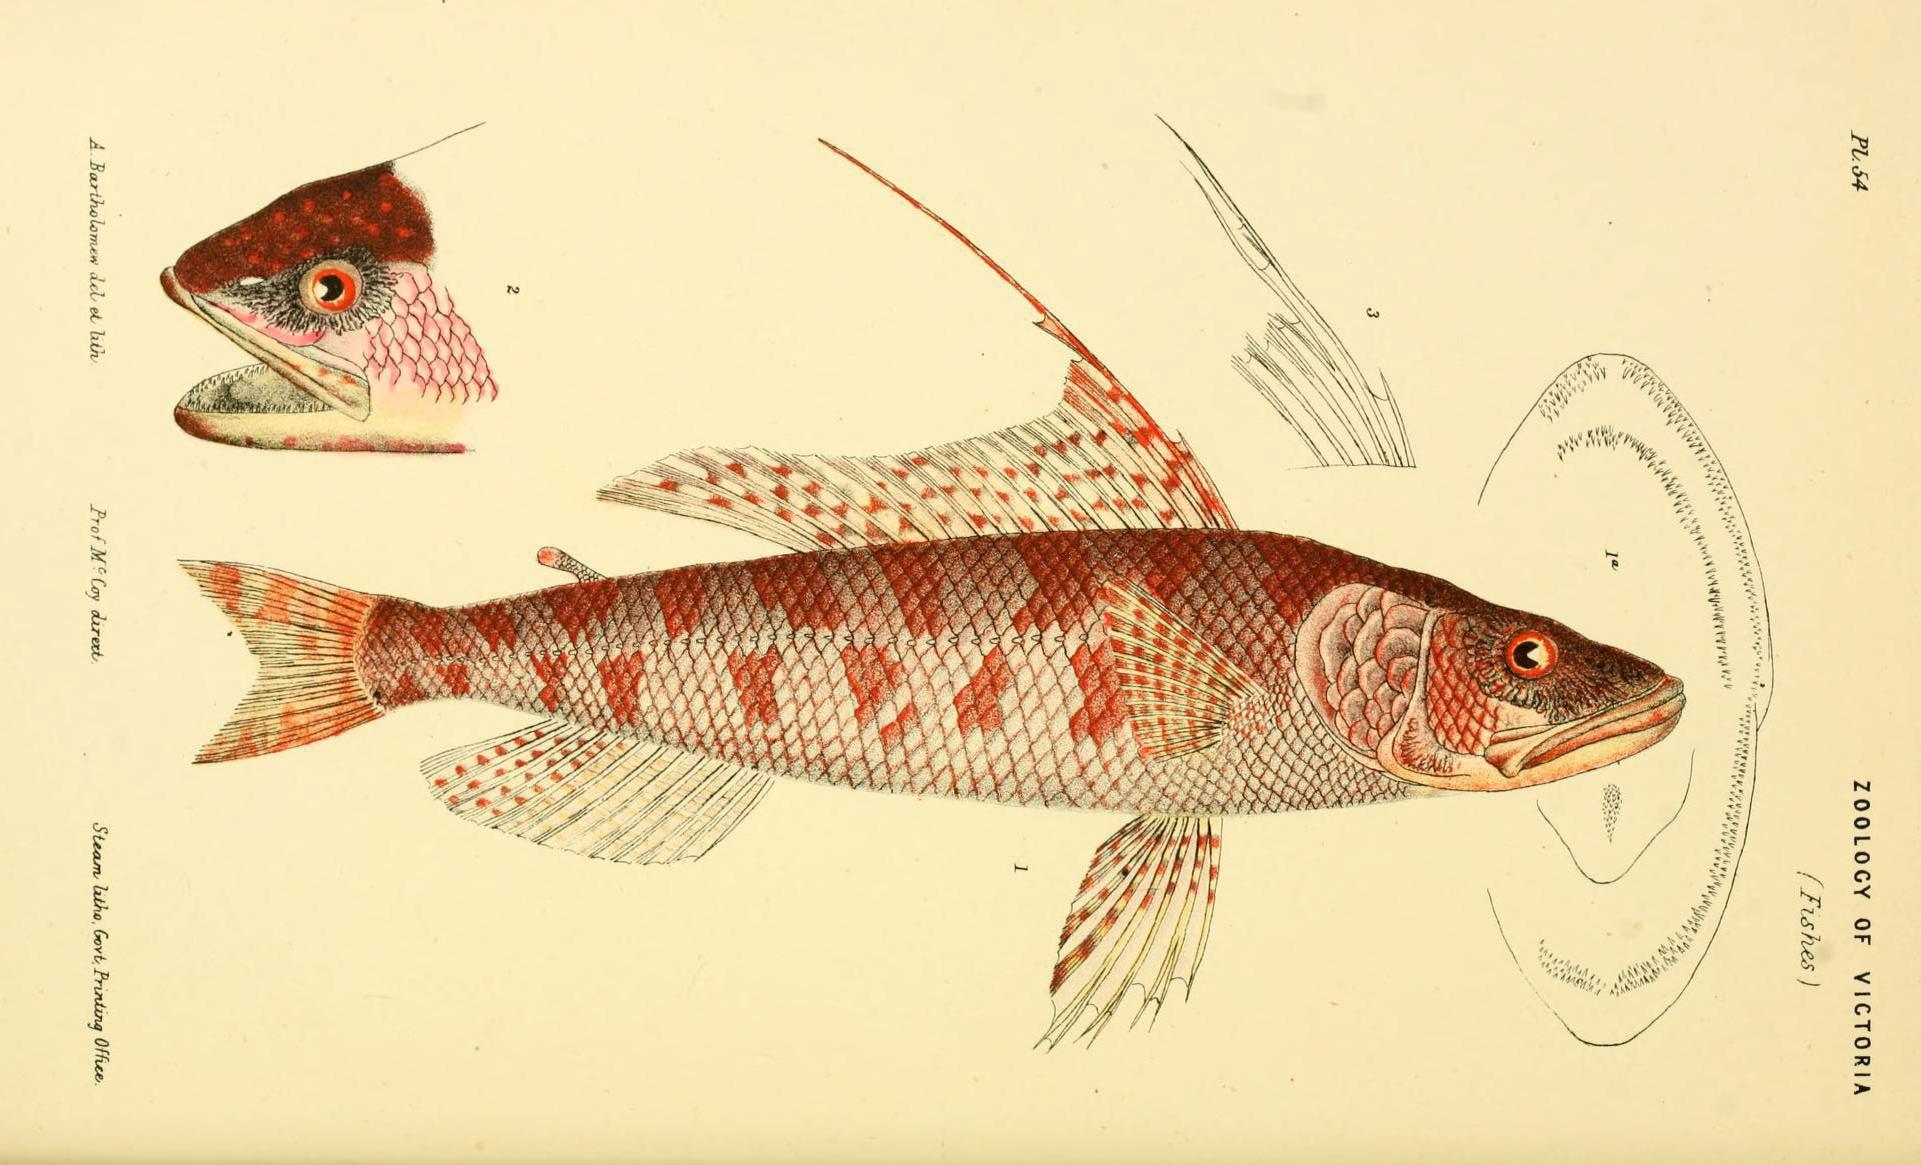 Image of Aulopus